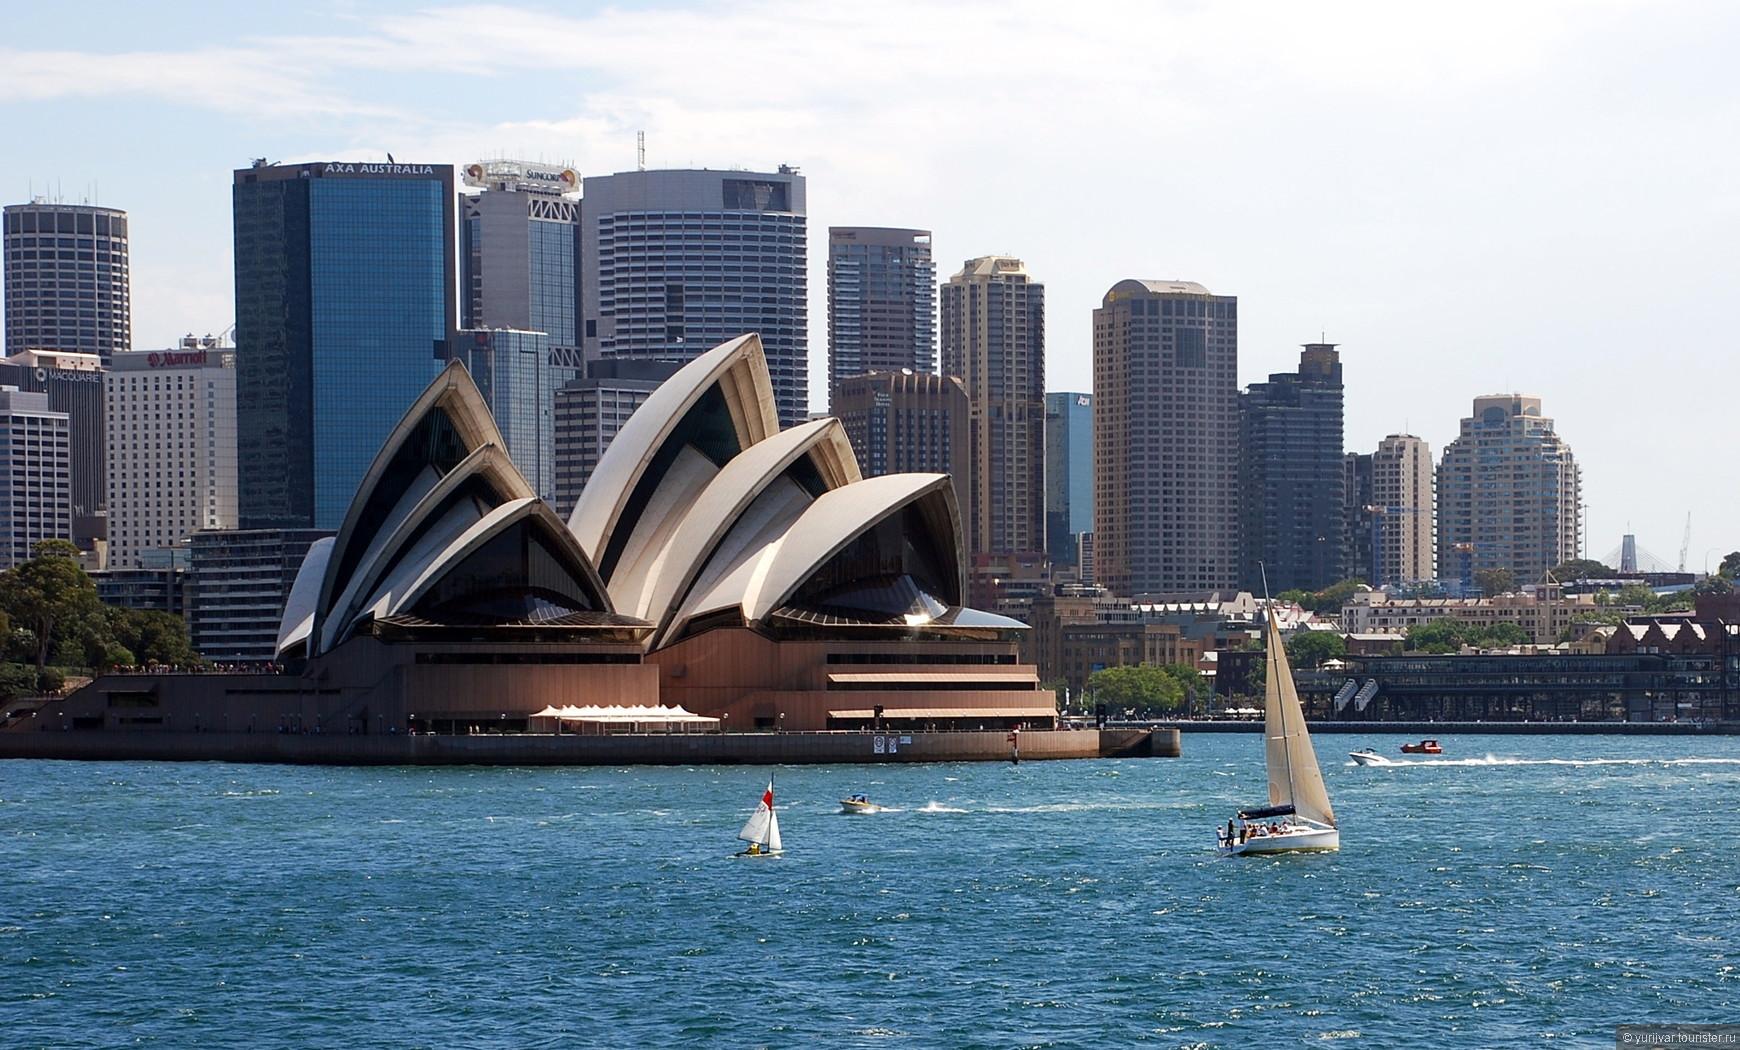 поэтому австралия достопримечательности фото и описание буду вдаваться подробности